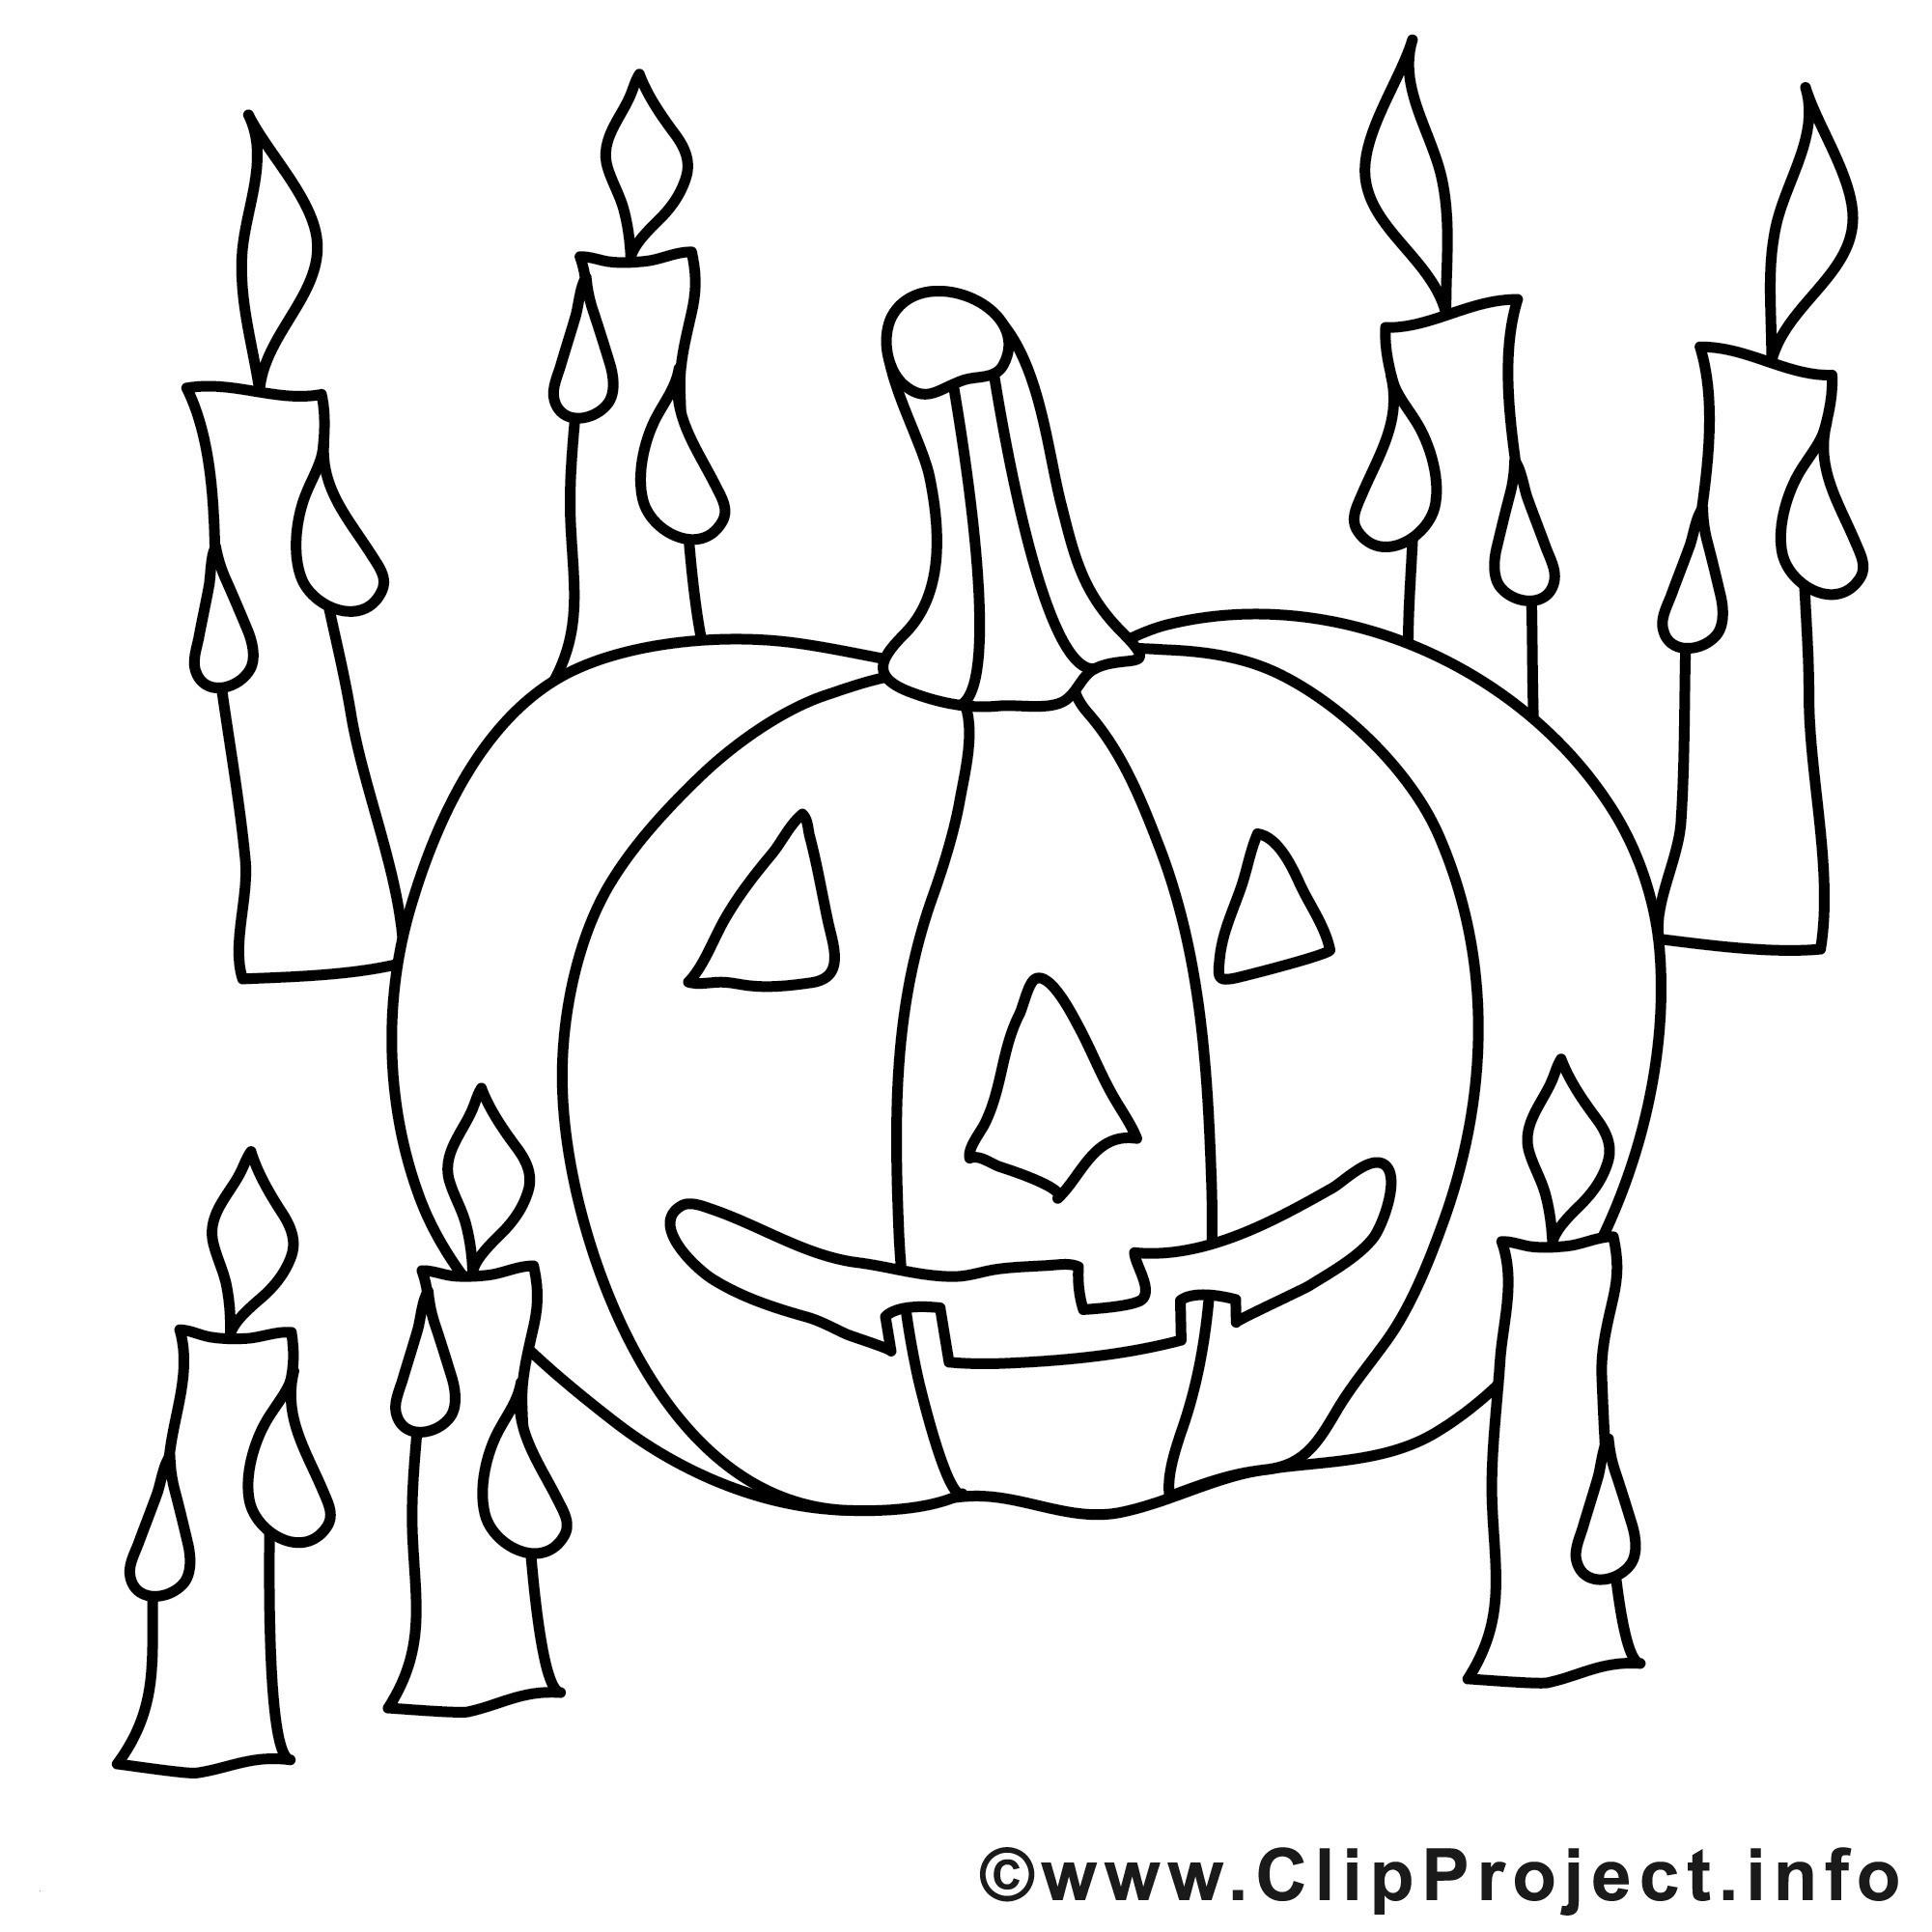 99 genial malvorlagen halloween geist fotos  kinder bilder